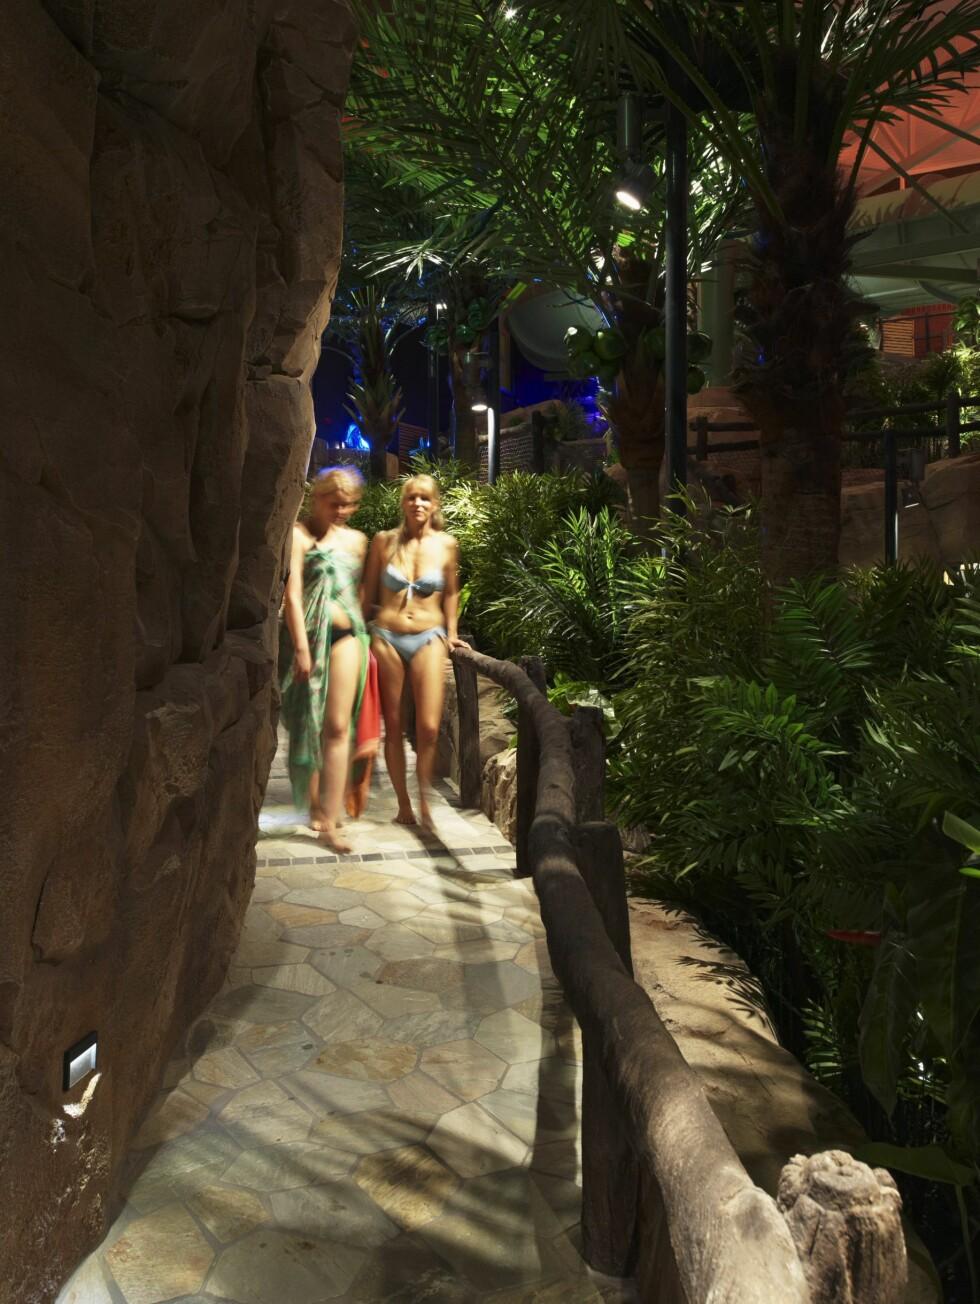 Det er investert mye penger i å pusse opp badelandet. Foto: The Reef Resort